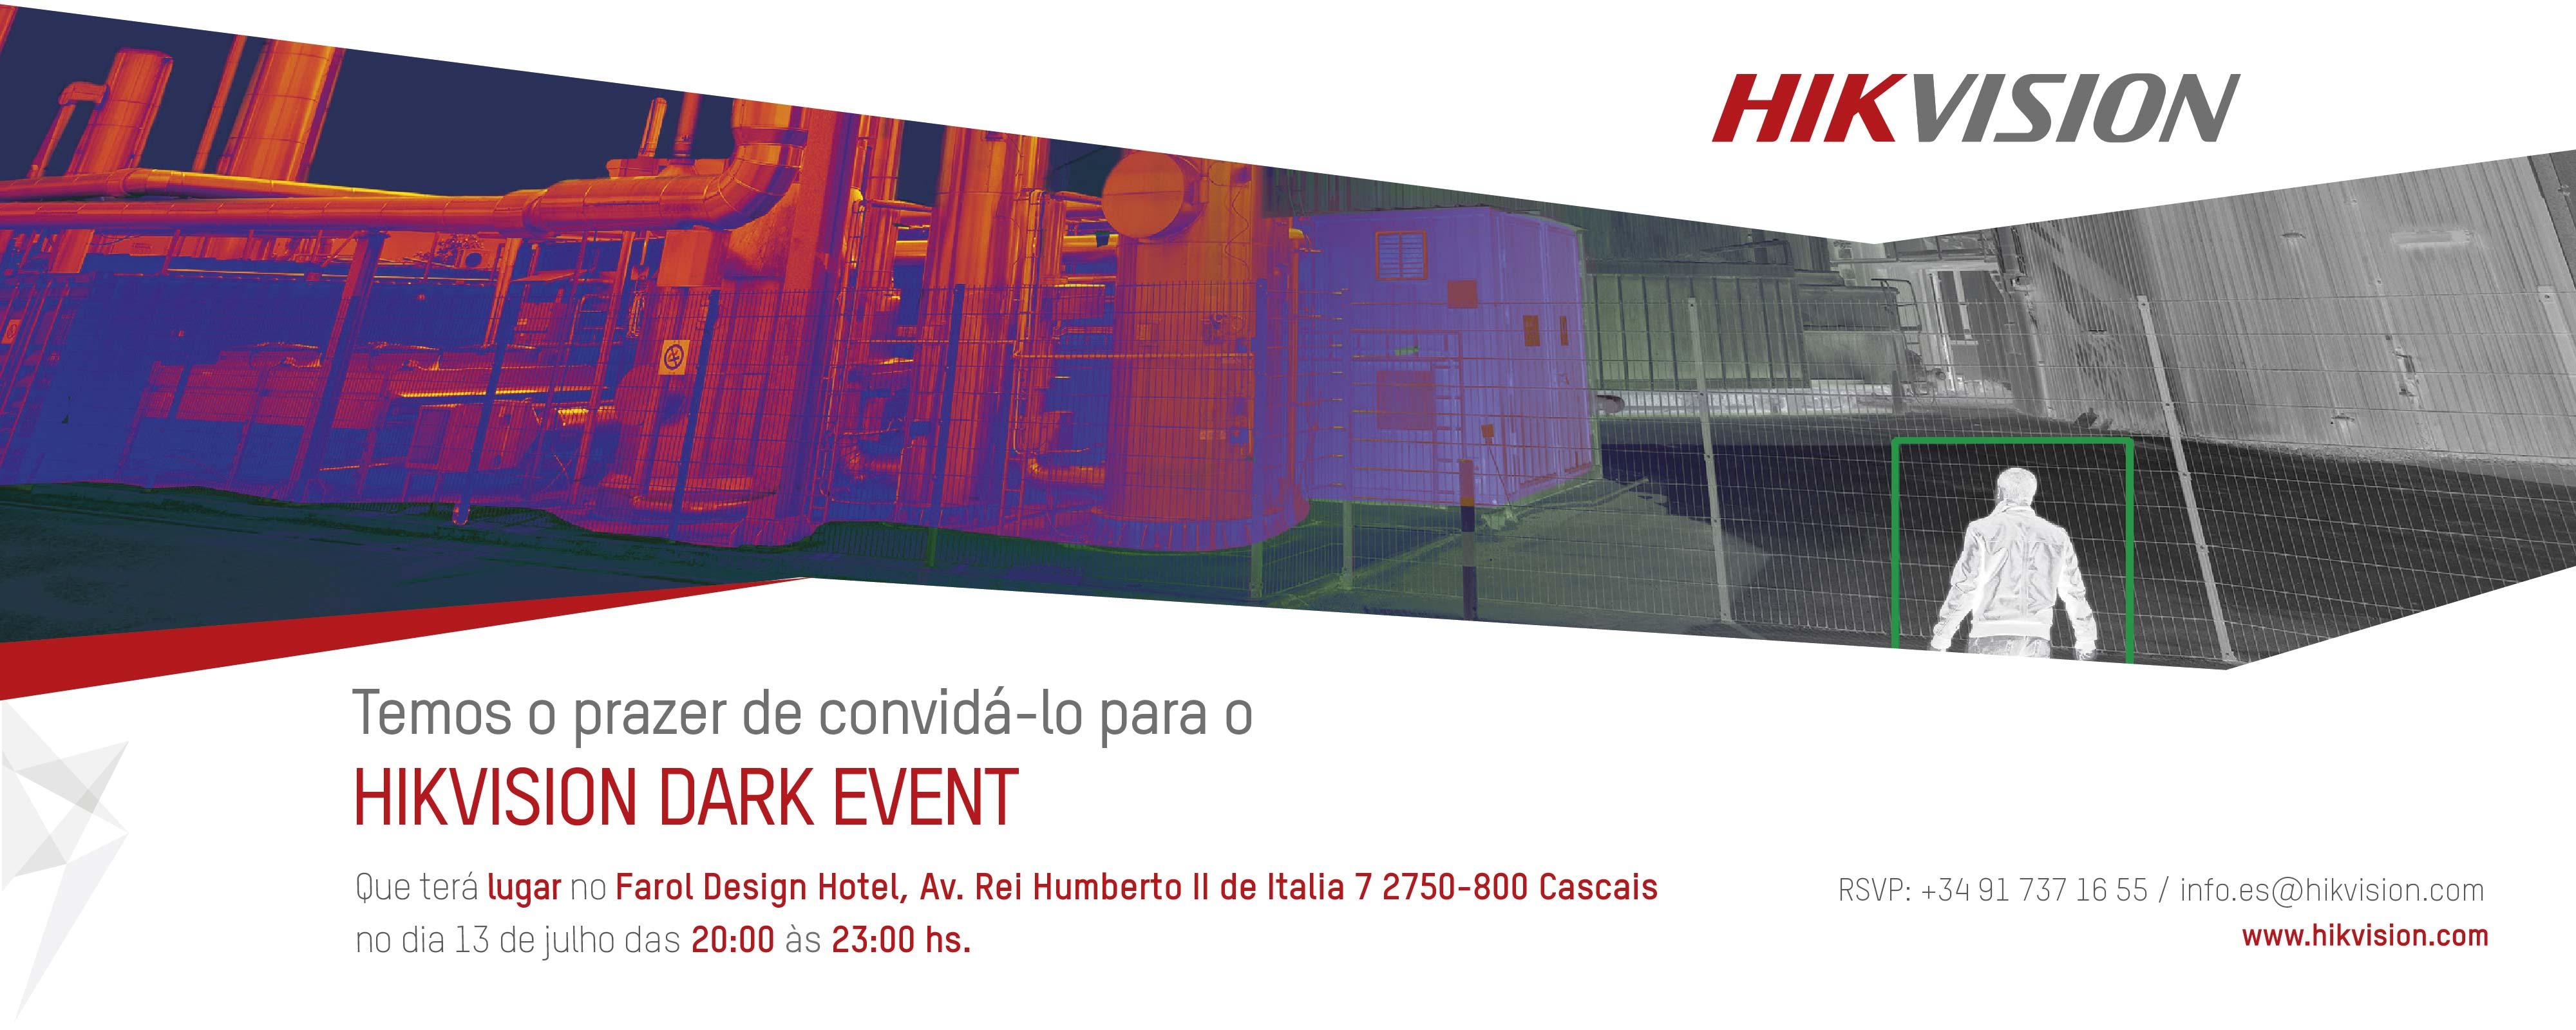 Hikvision Dark Event